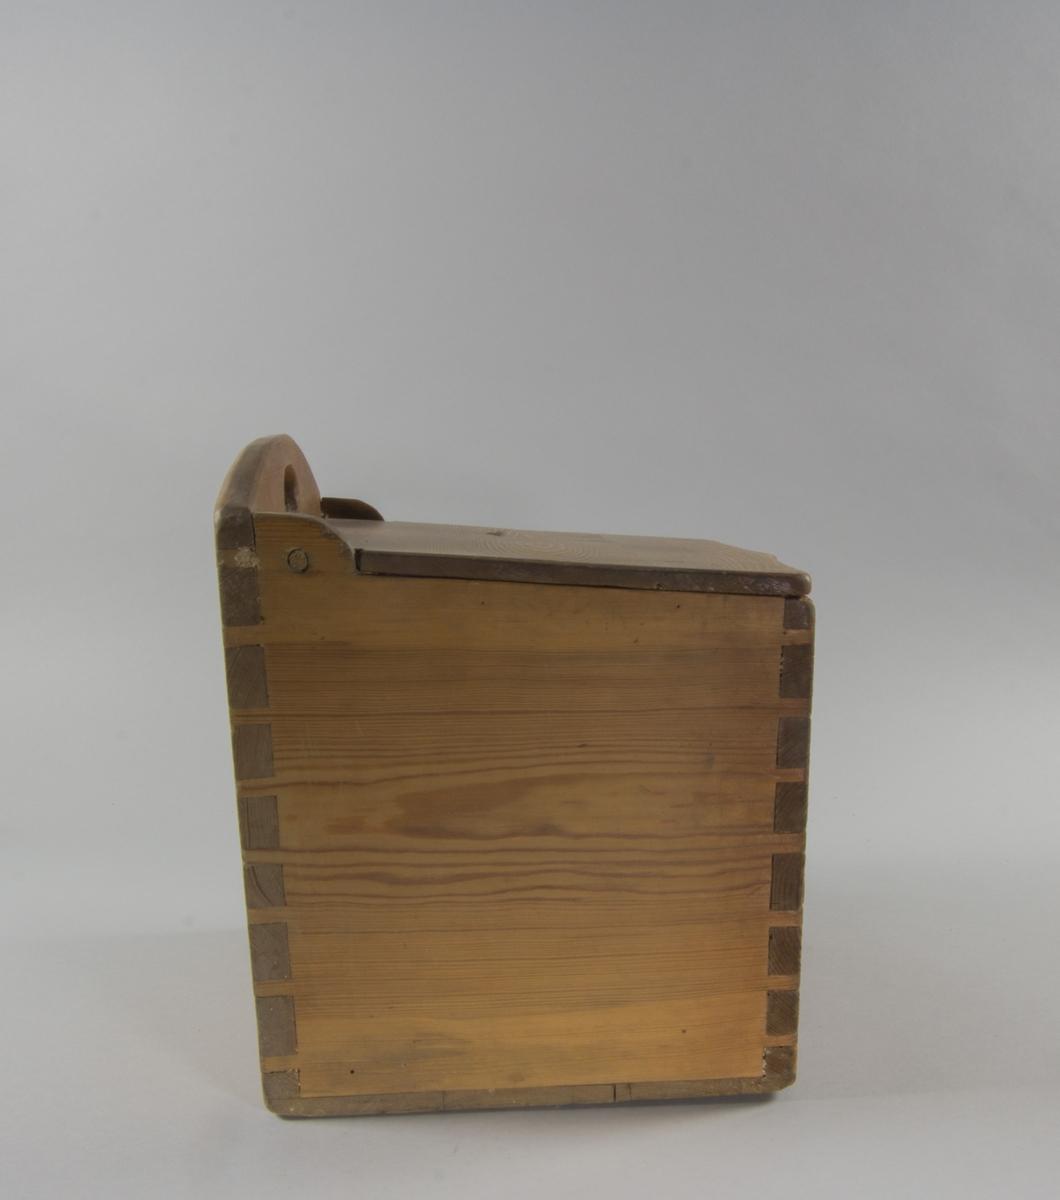 Mjölkar av trä. Fyrsidig med sinkade fogar. Bakre sidan högre än övriga, med svängd kant och med hål. Lock gängat i sidorna.